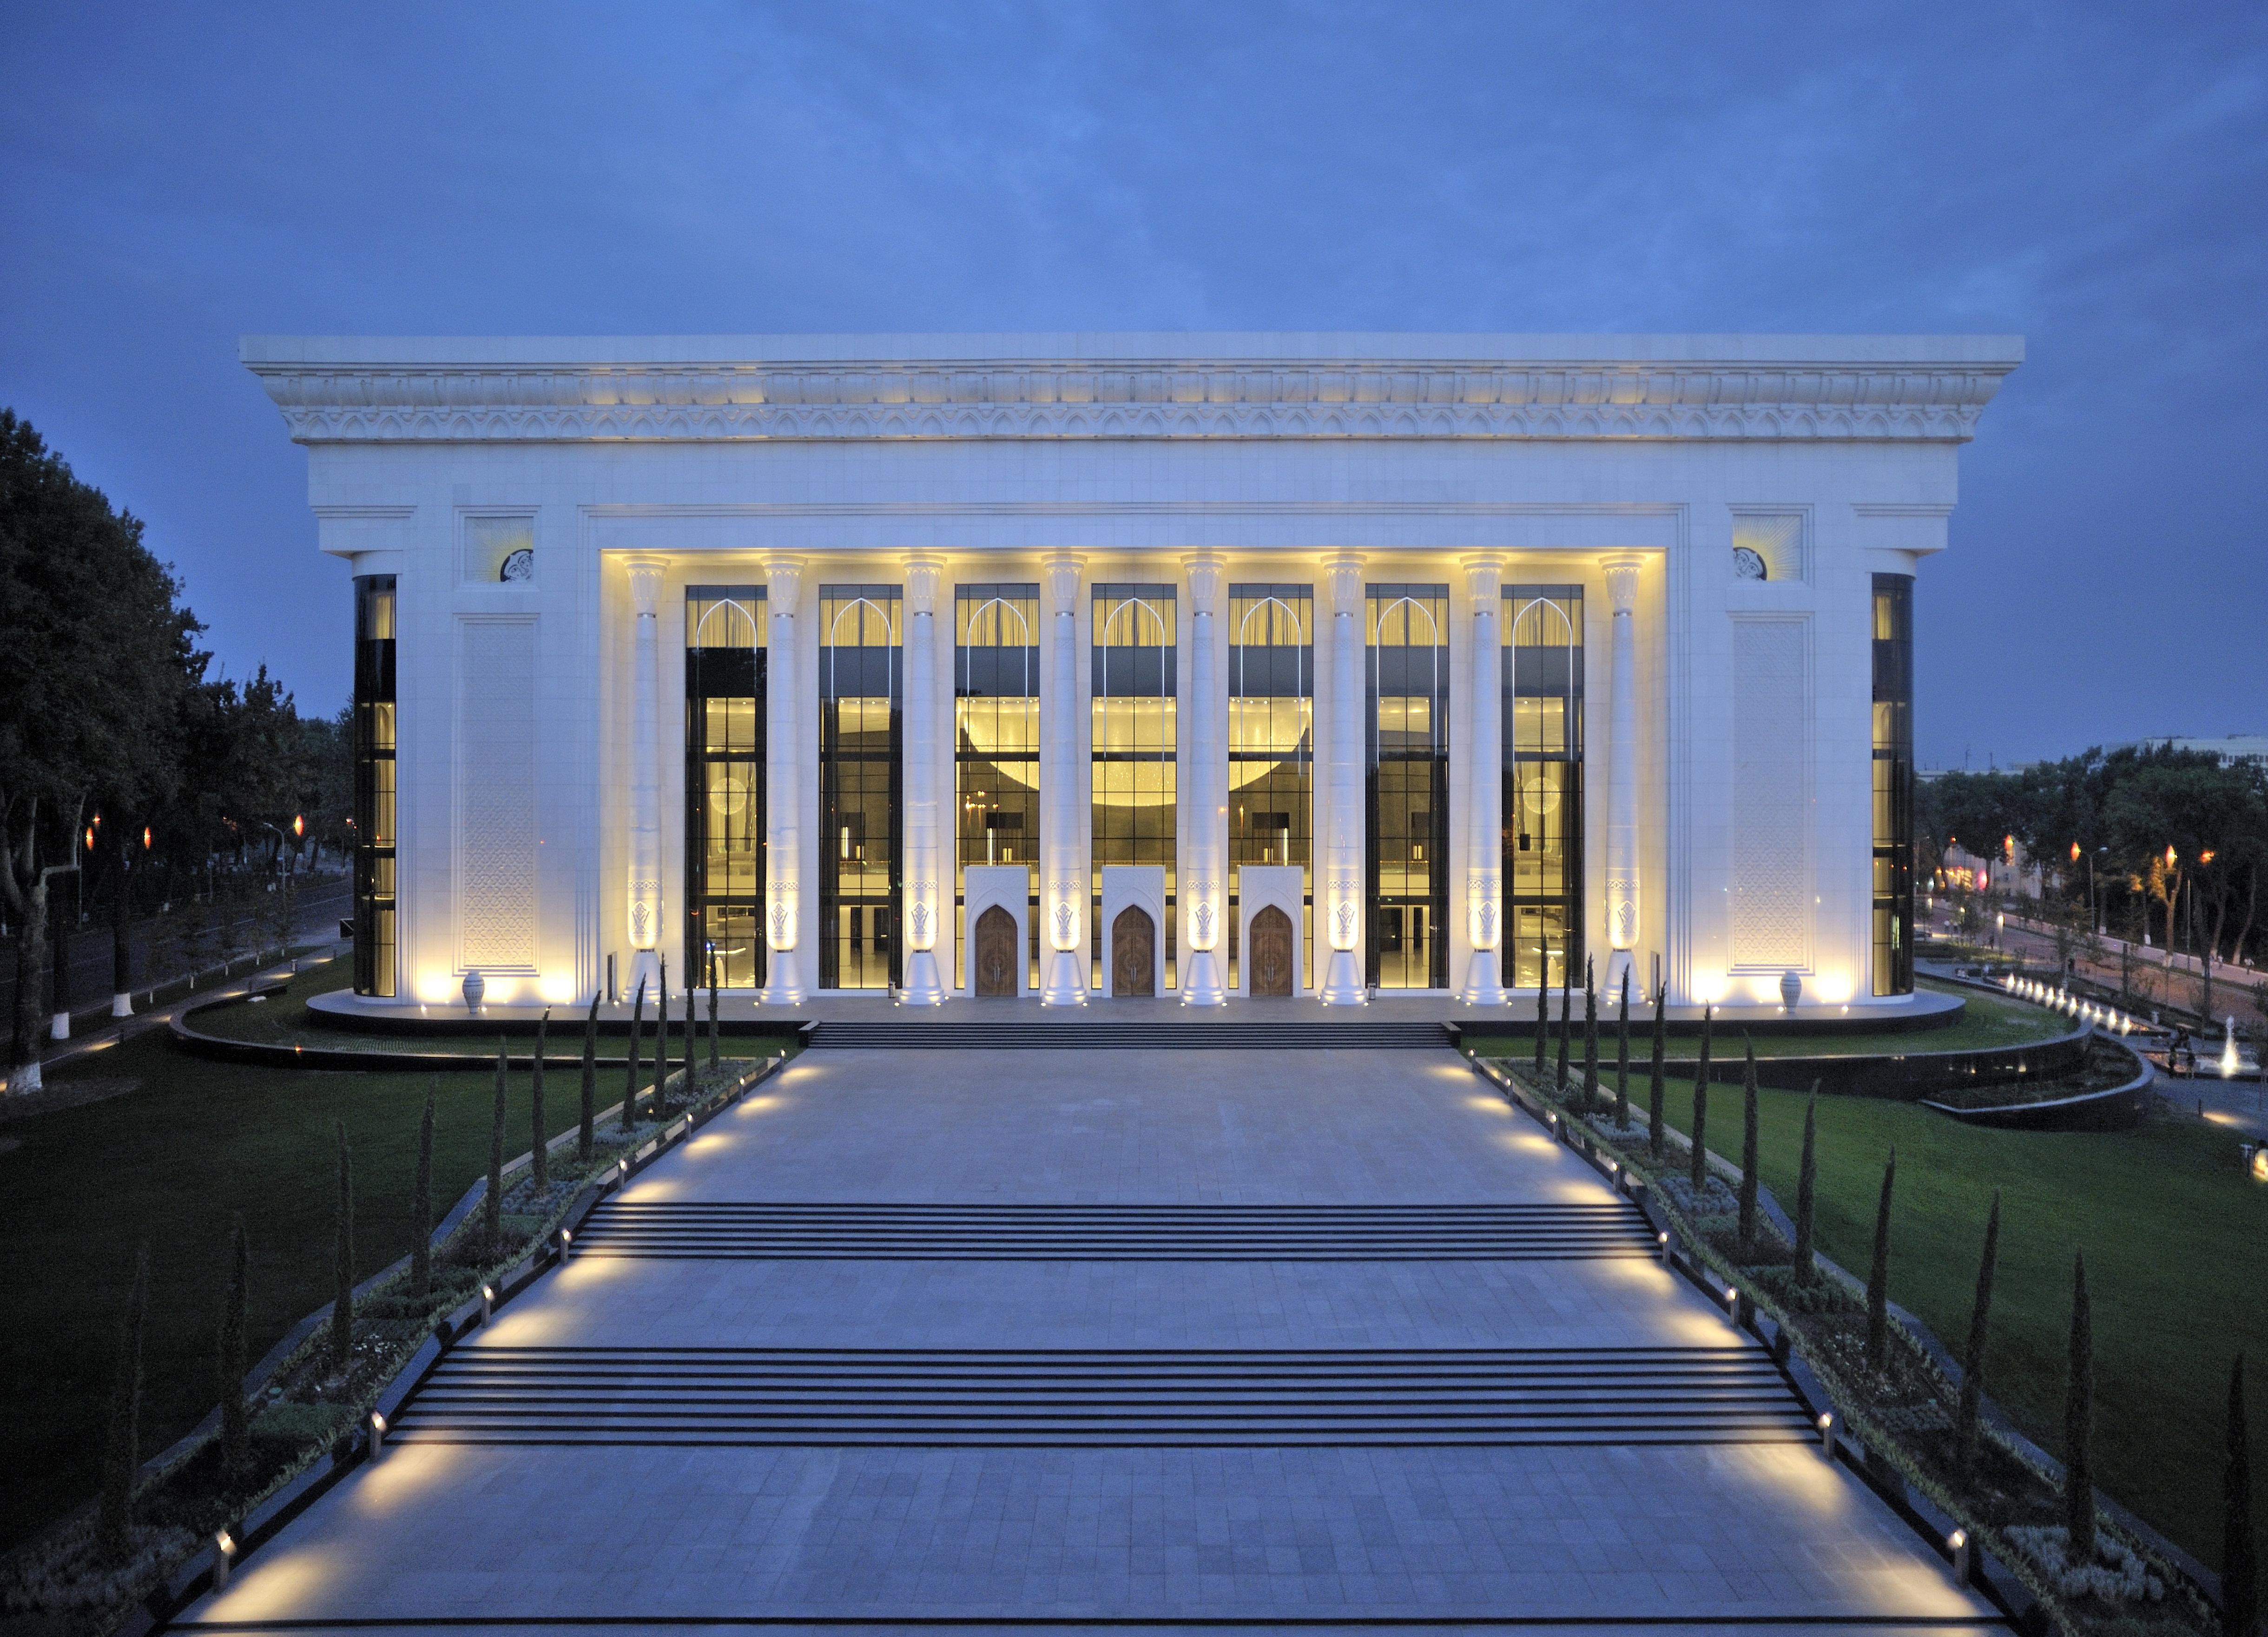 Projeto de Iluminação: Palácio Fórum Internacional / Pfarré Lighting Design, © Andreas J. Focke